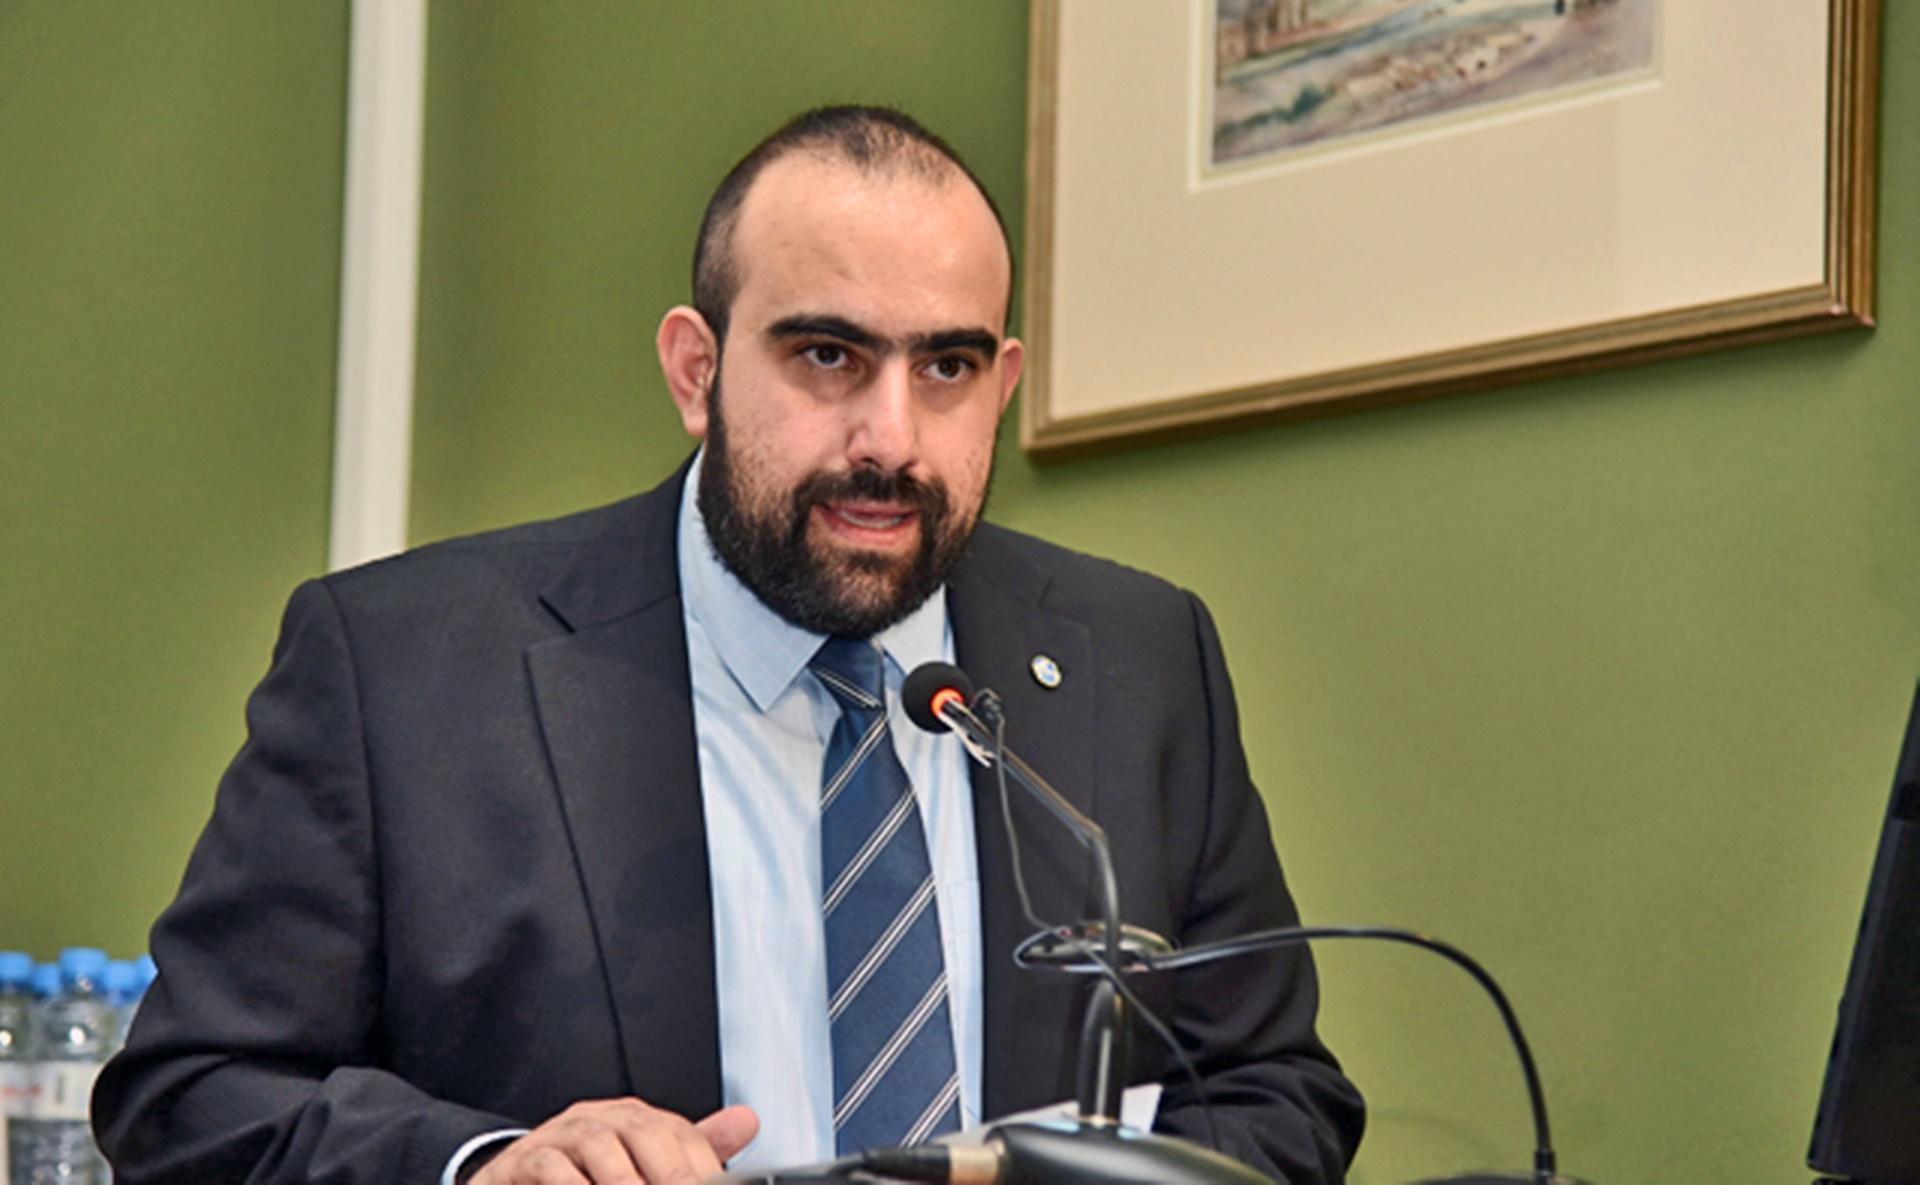 Δήμαρχος Κυθήρων: Κανένα κρούσμα κορονοϊού στο νησί